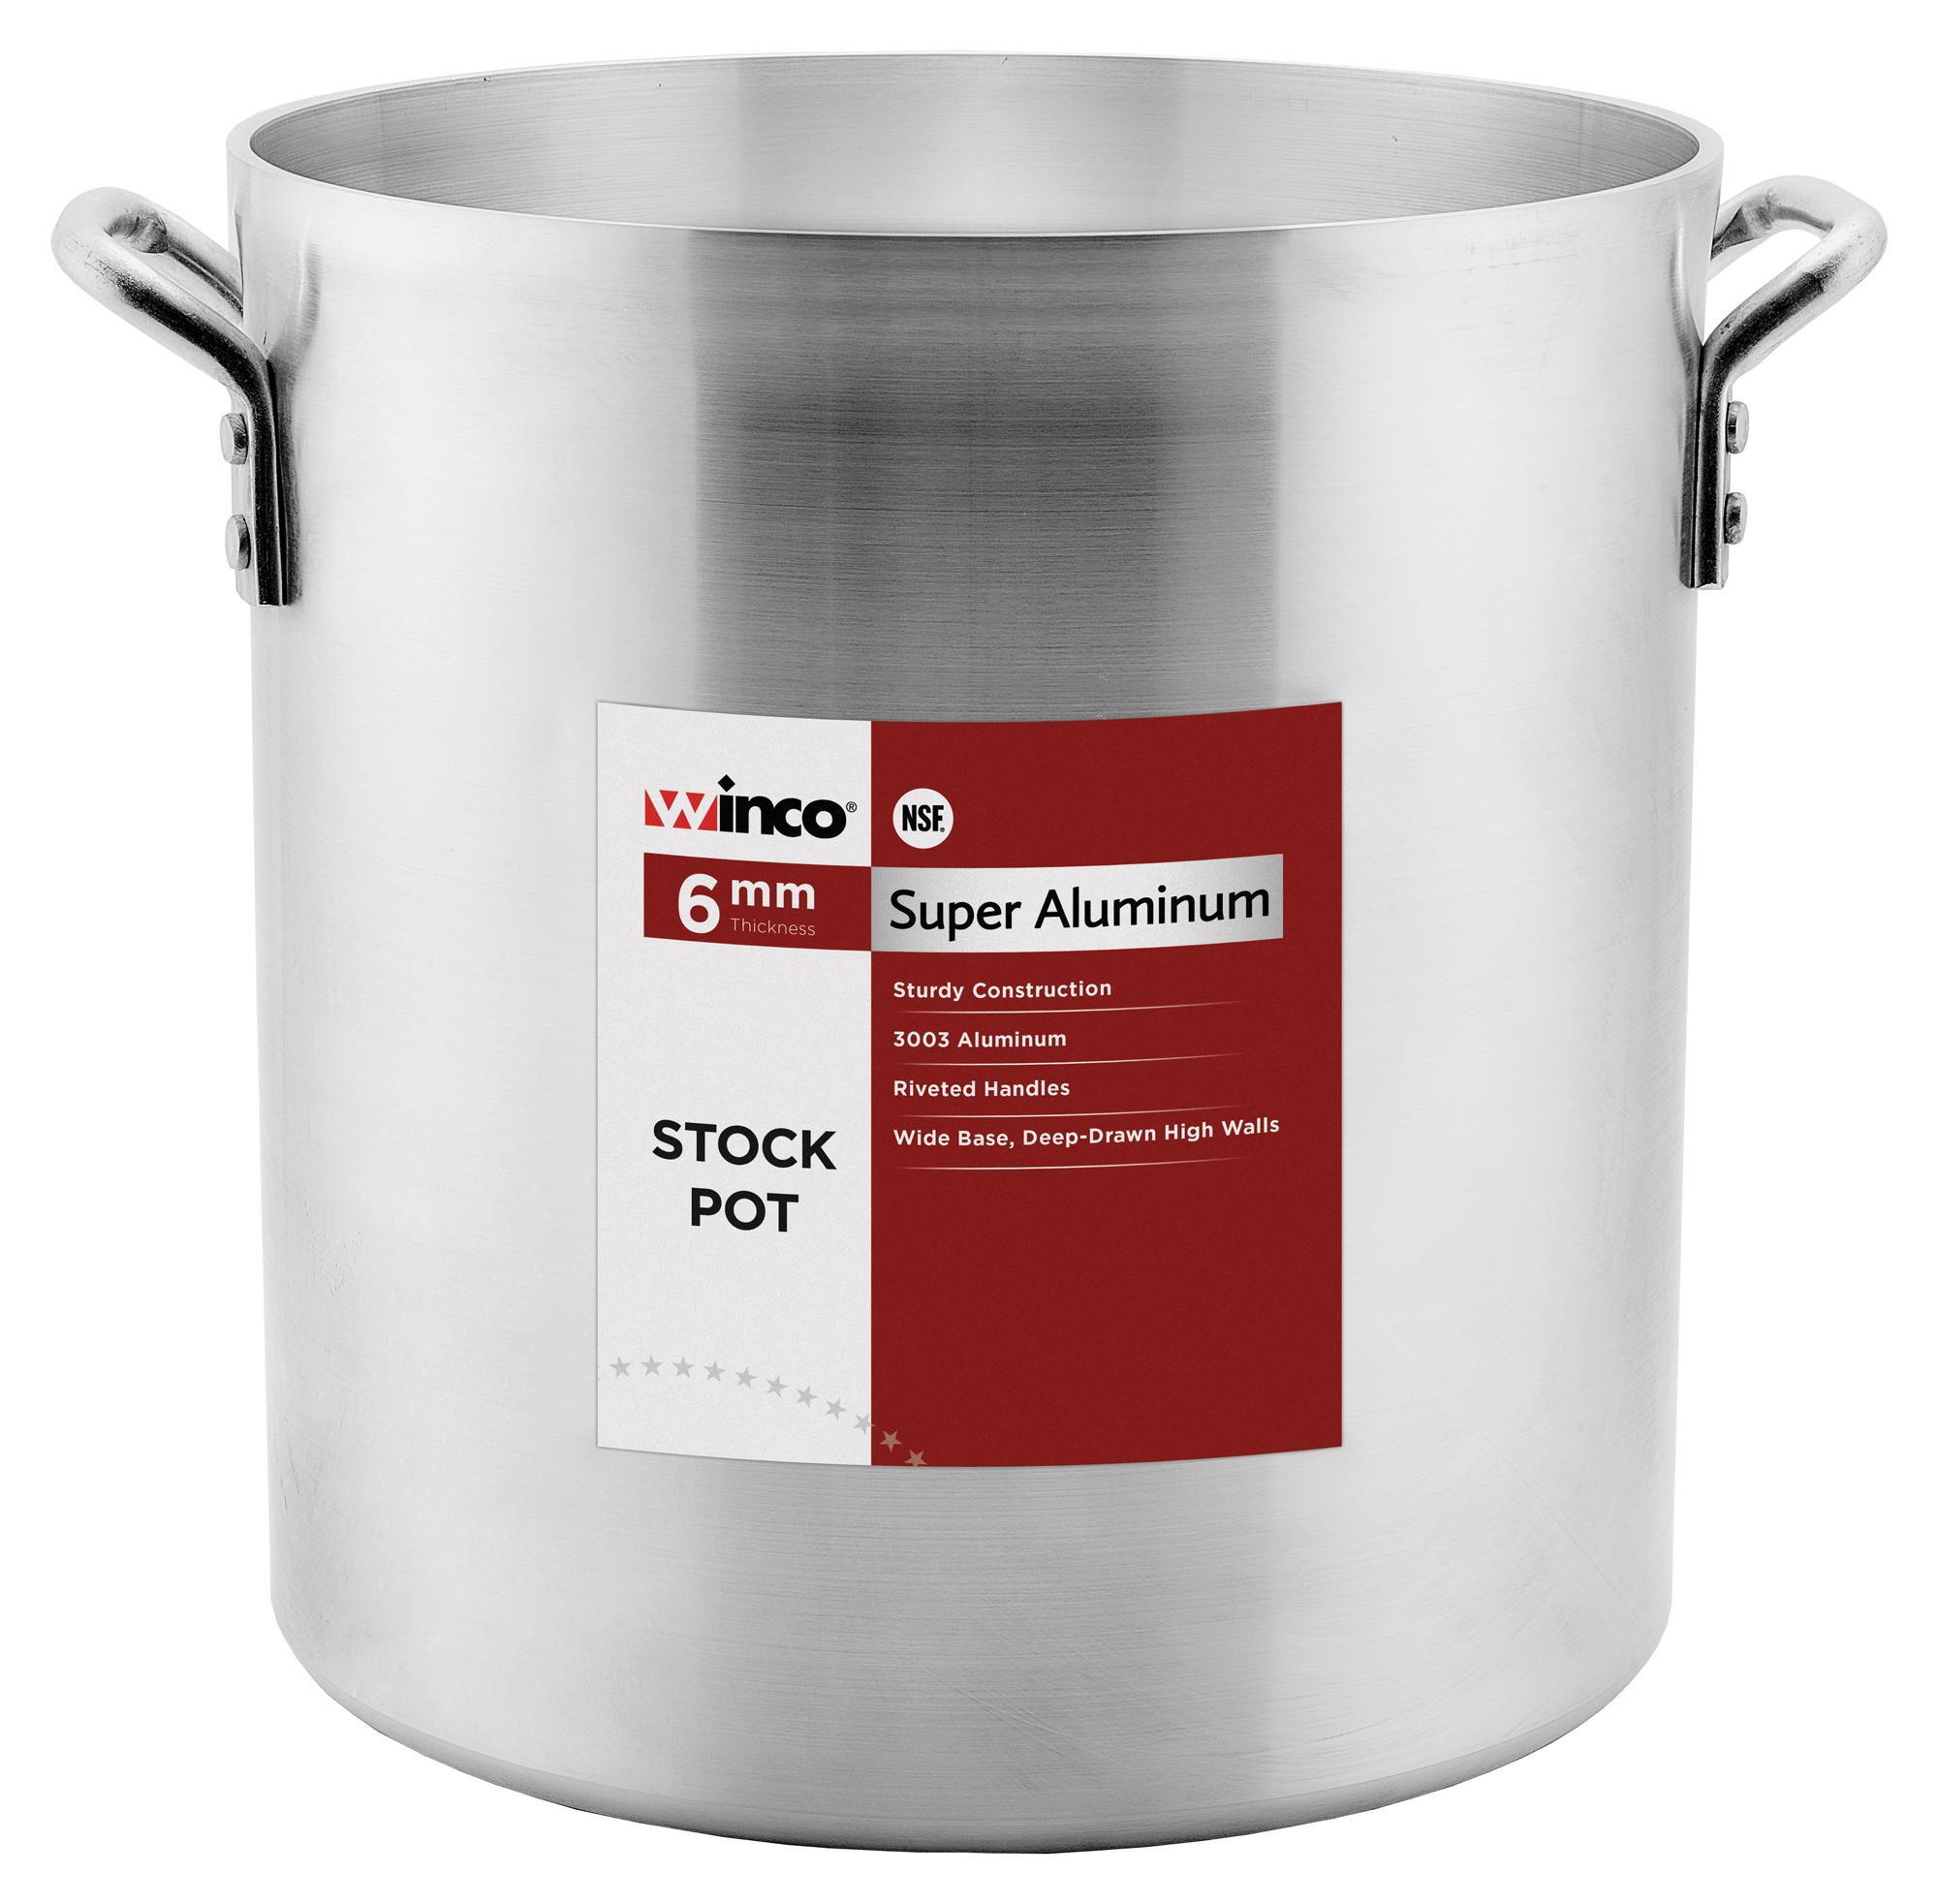 Winco AXHH-100 stock pot